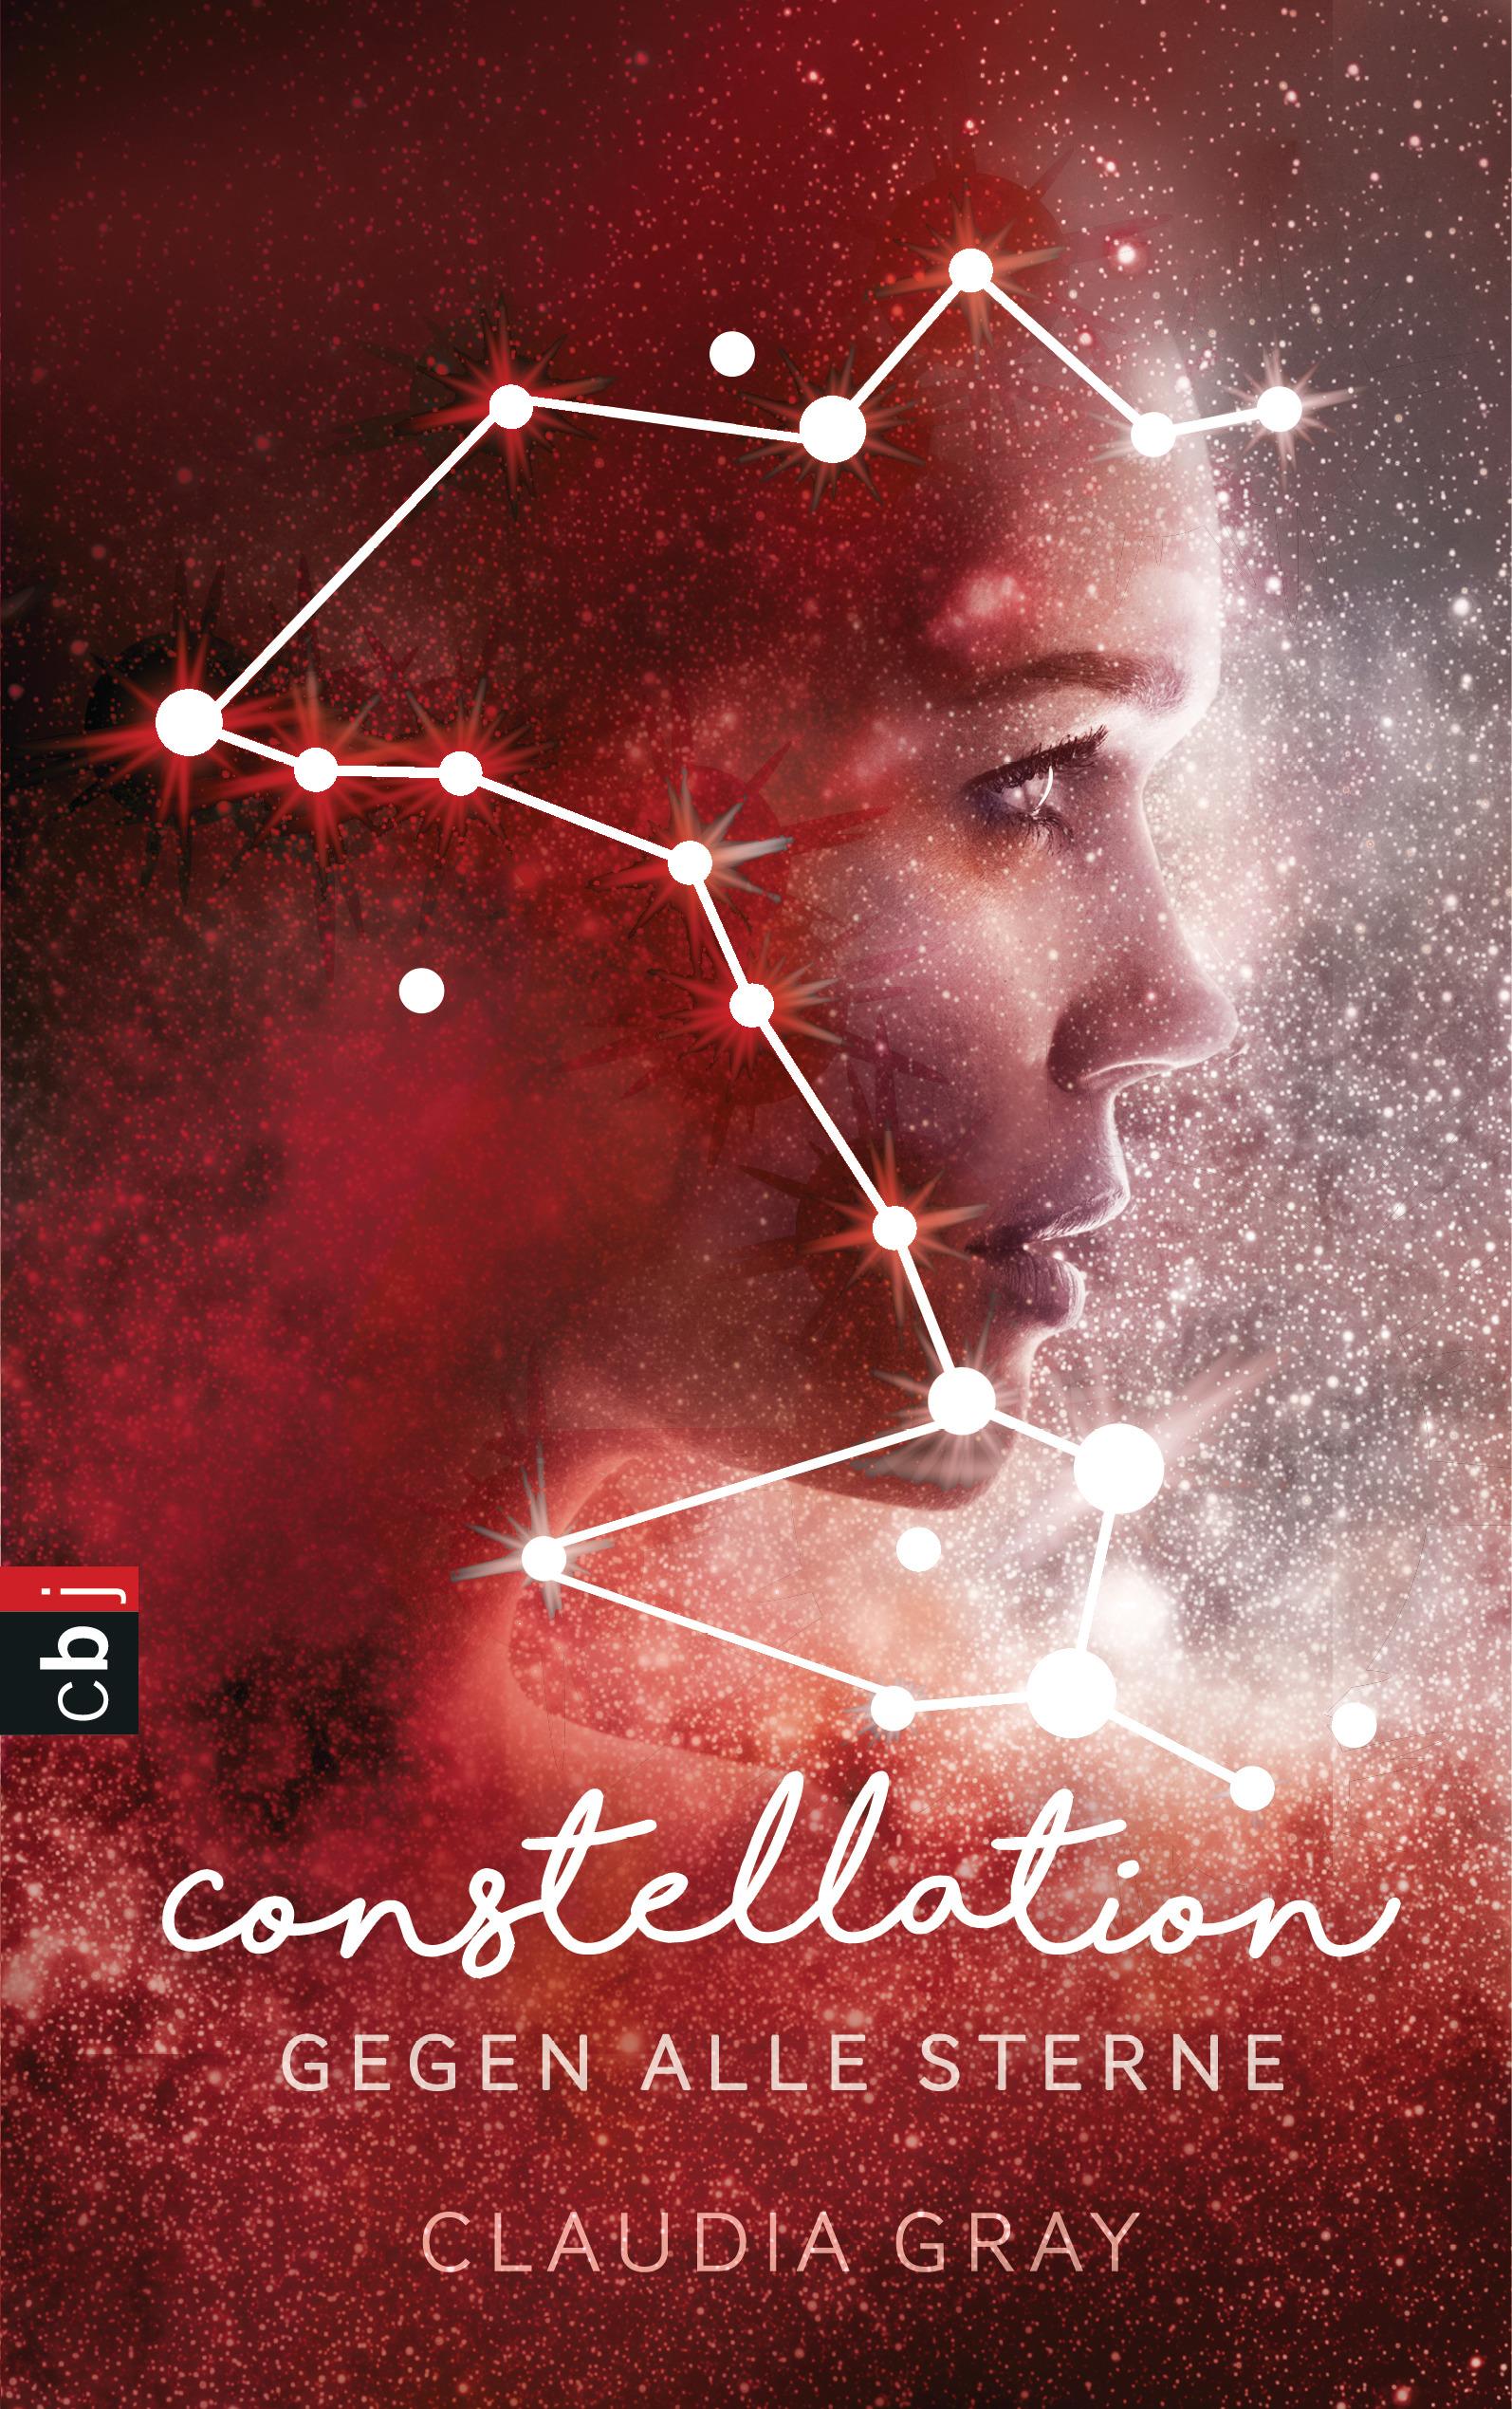 Constellation - Gegen alle Sterne von Claudia Gray